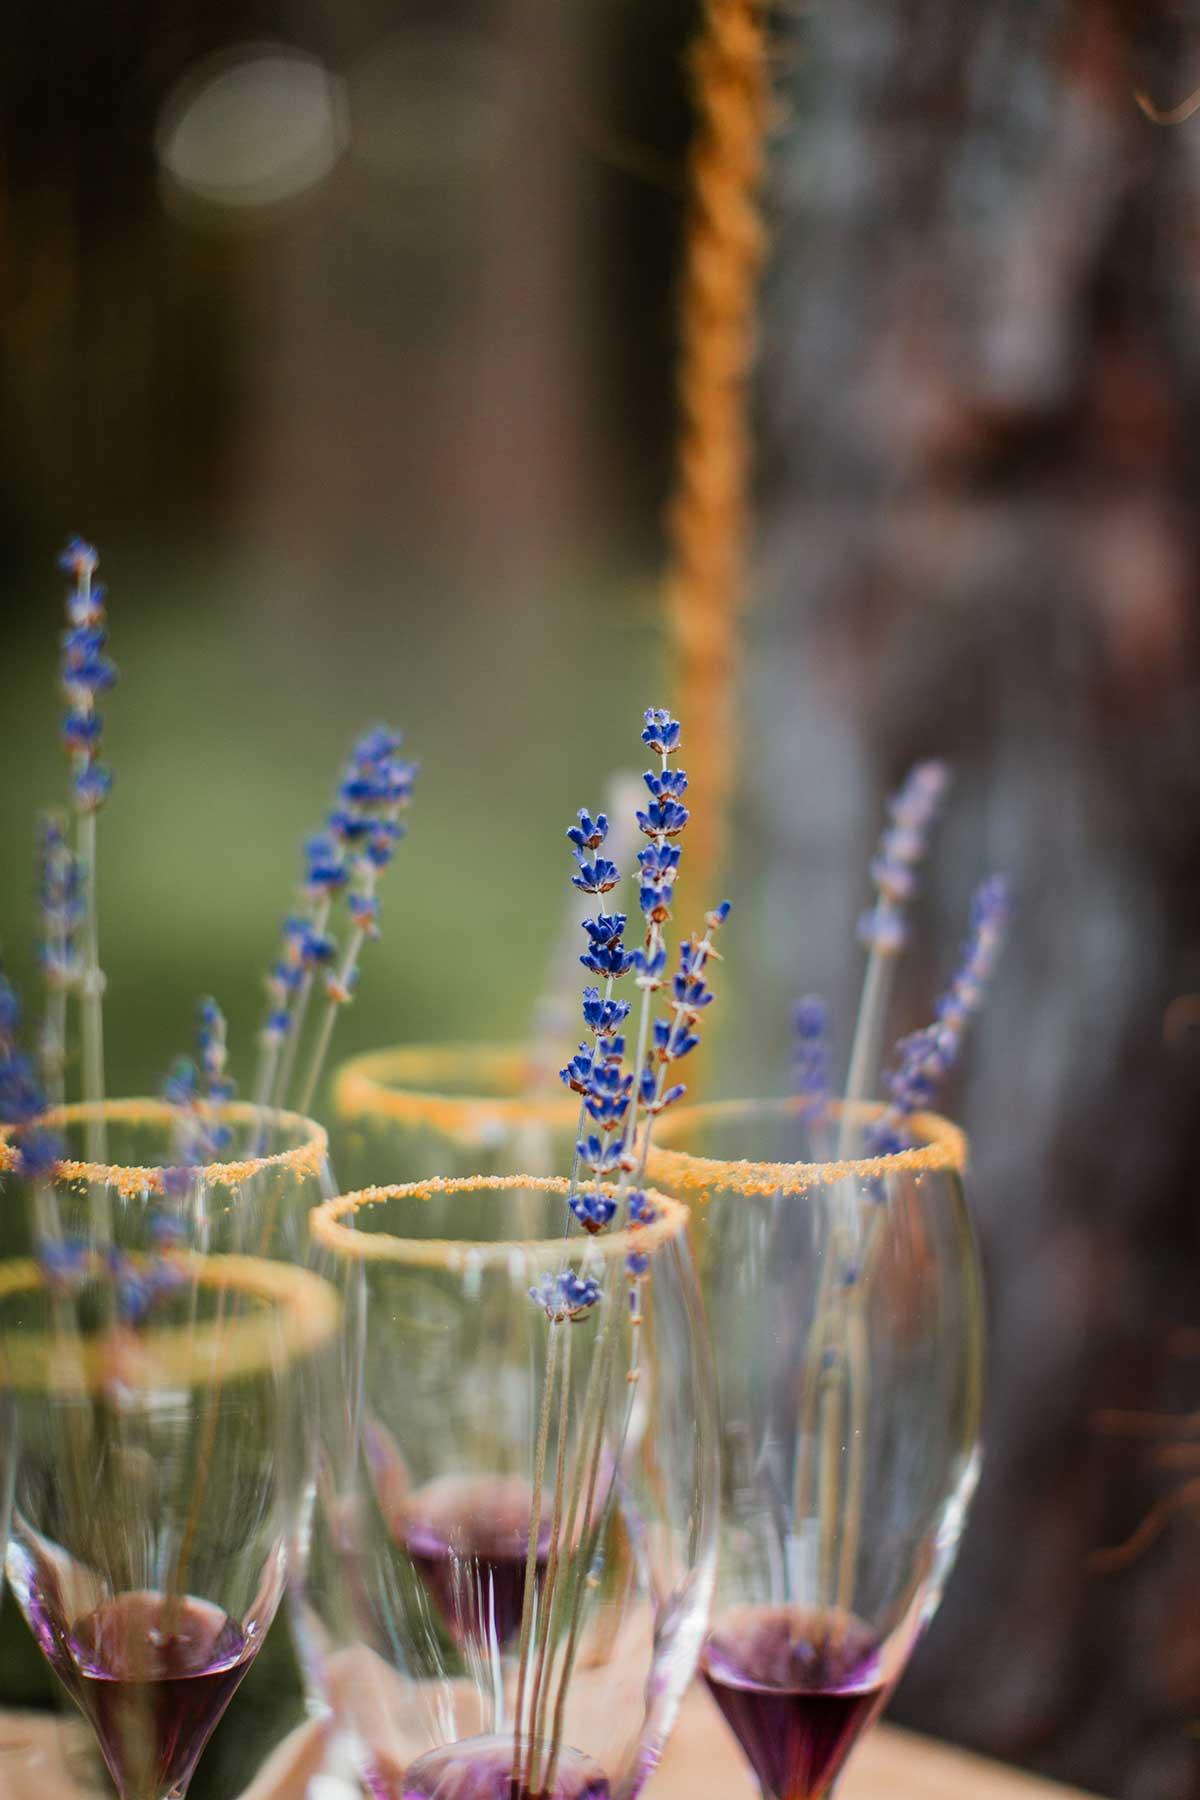 Lavendel zur Dekoration der Gläser